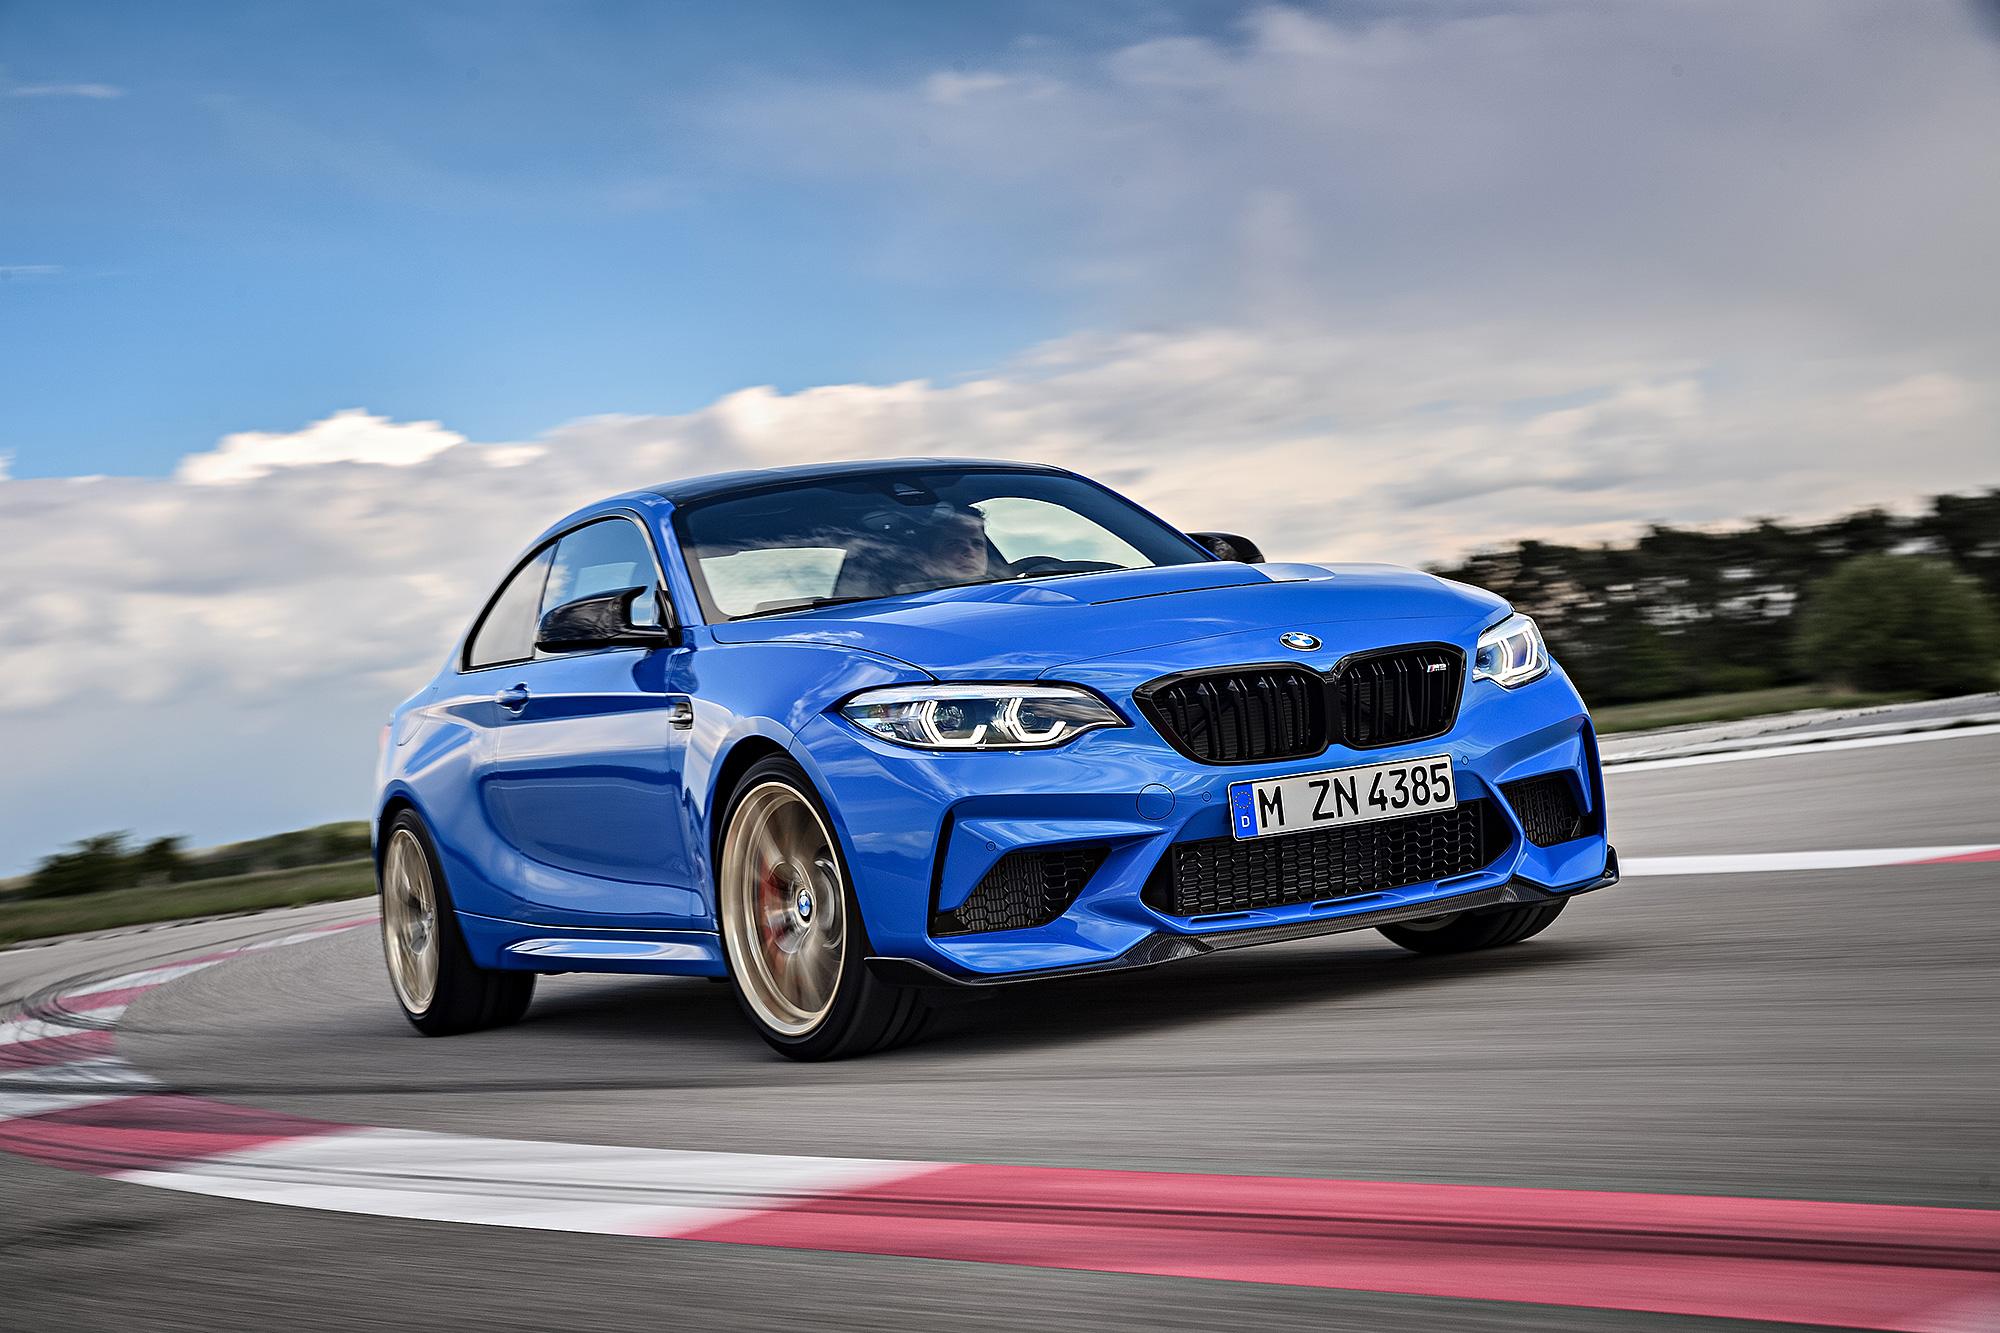 M2 CS 不但具有 450 匹最大馬力,還標配 6 速手排變速箱。